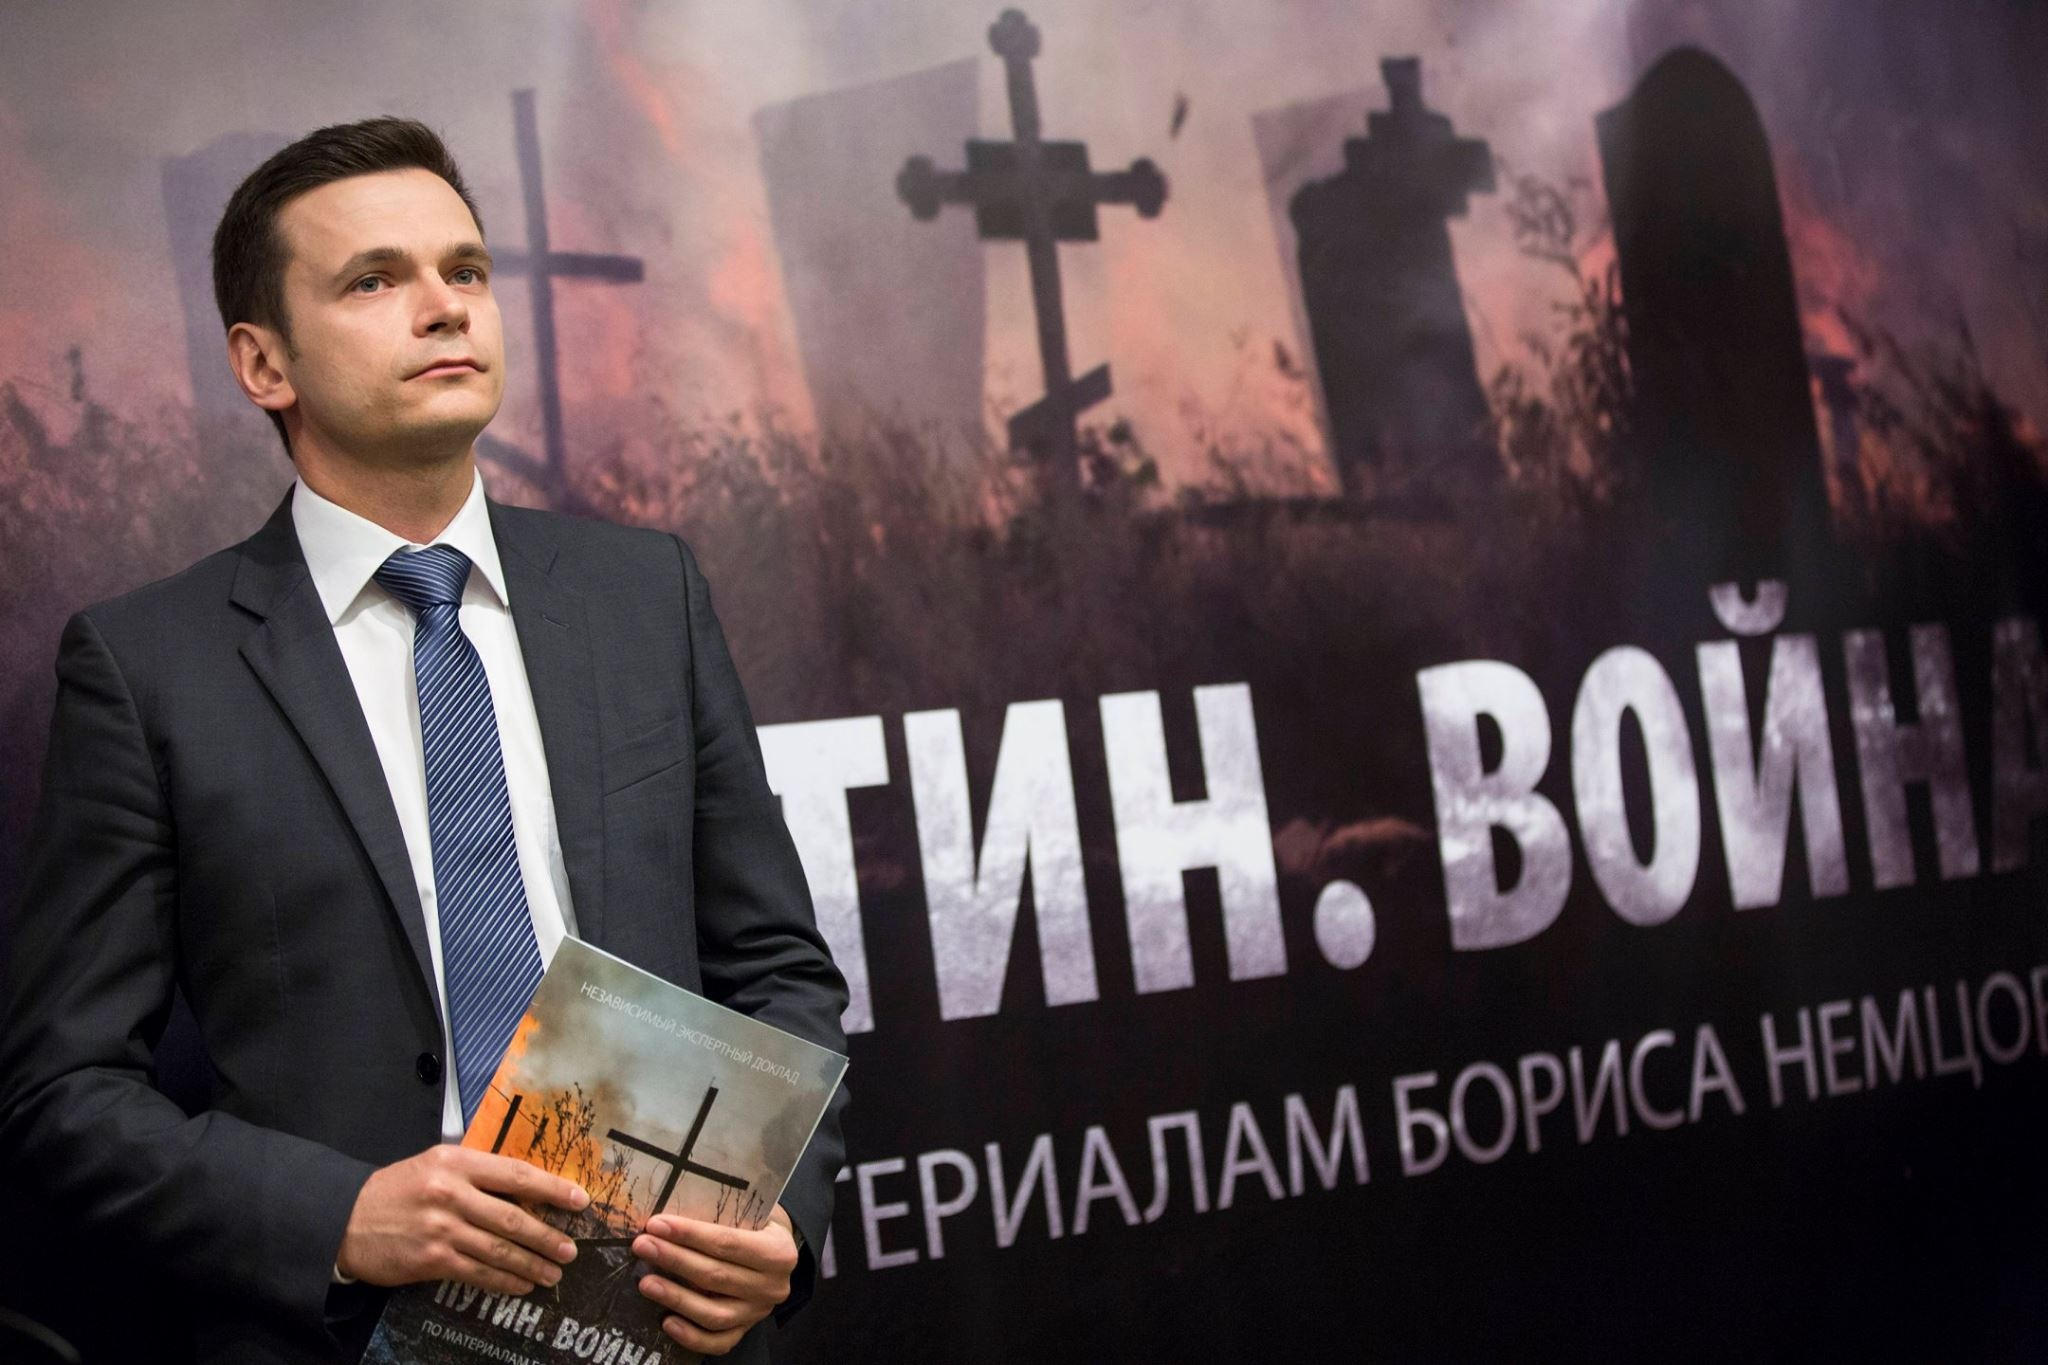 Фото: Илья Яшин / Facebook